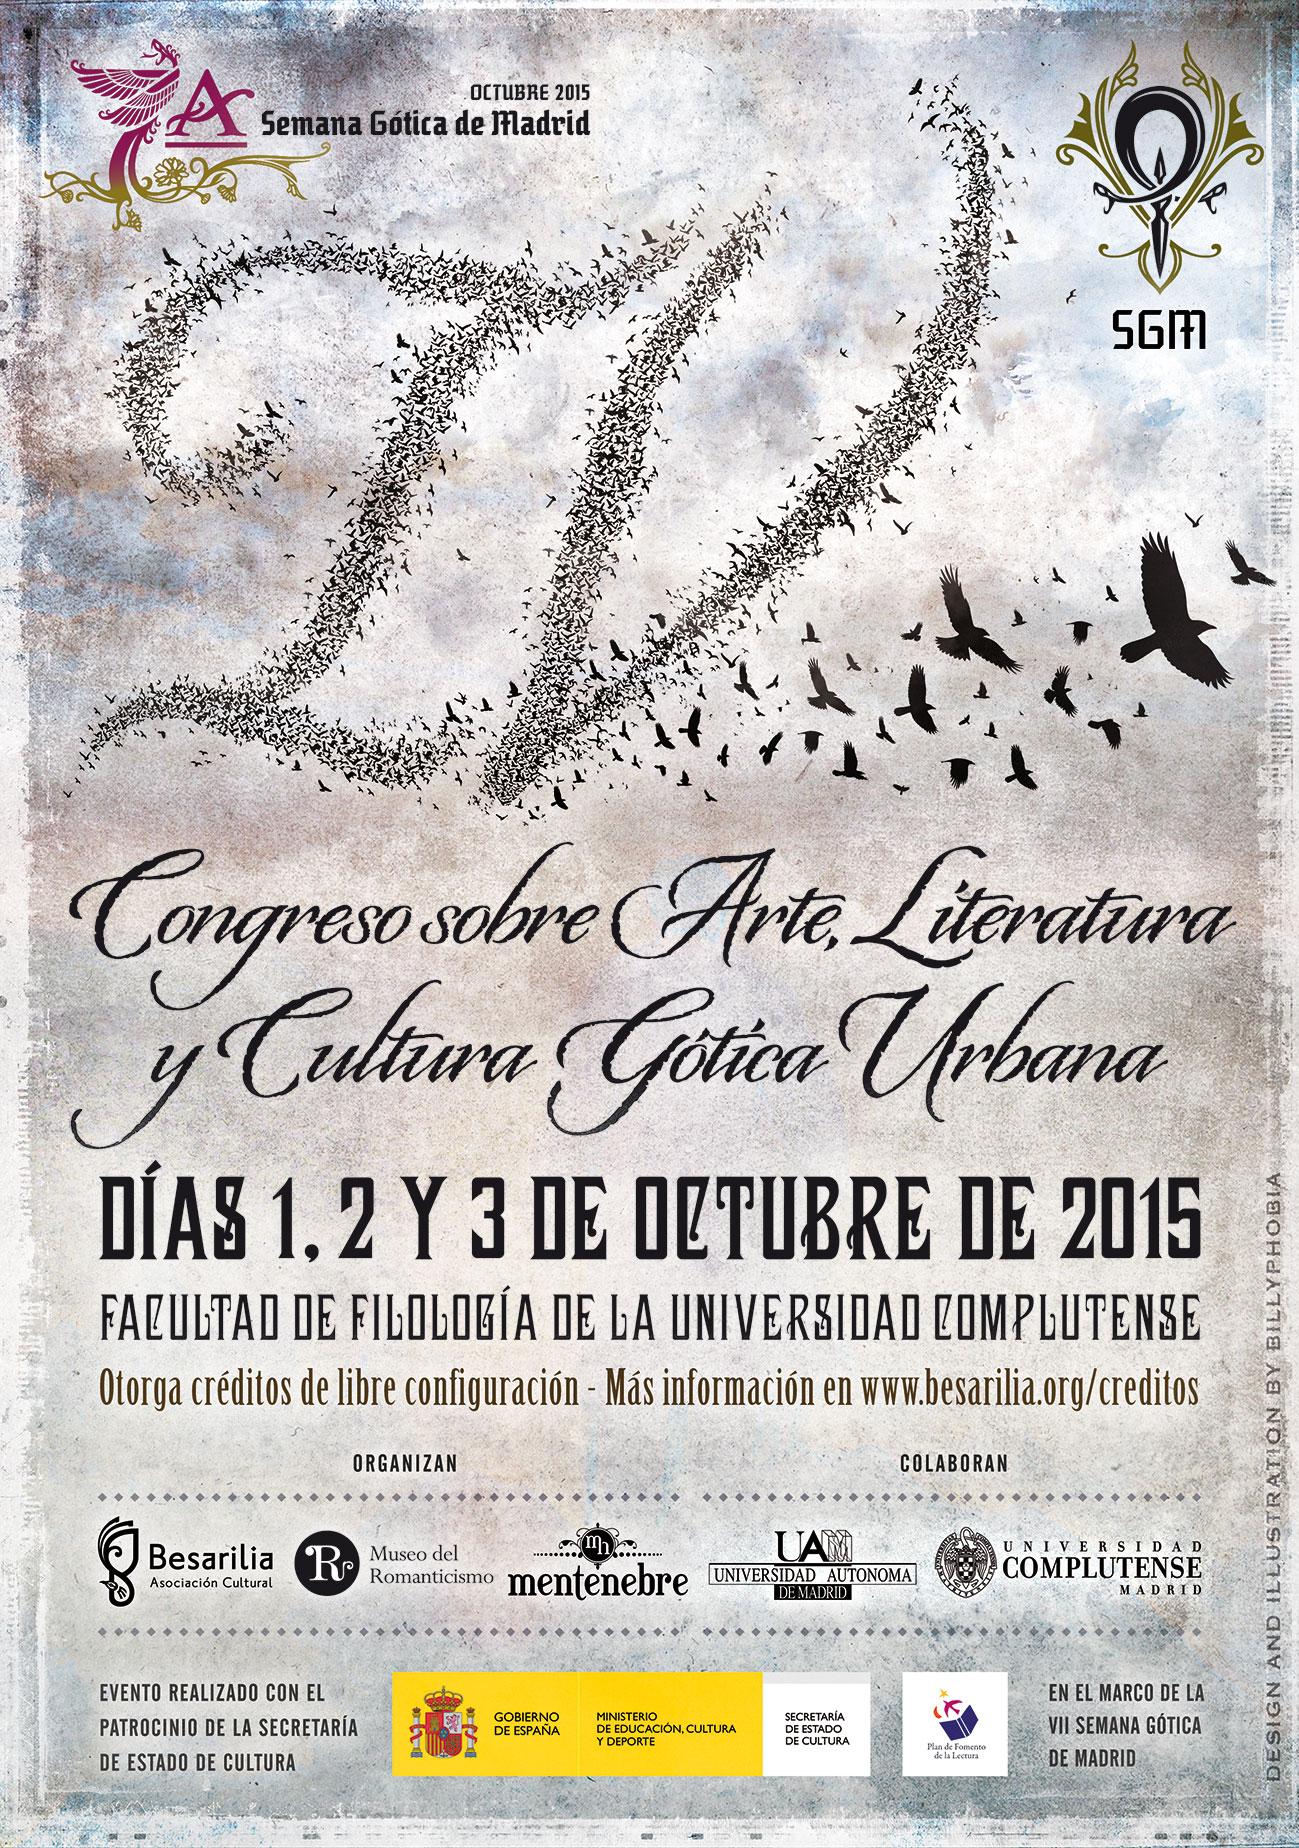 IV Congreso sobre arte, literatura y cultura gótica urbana